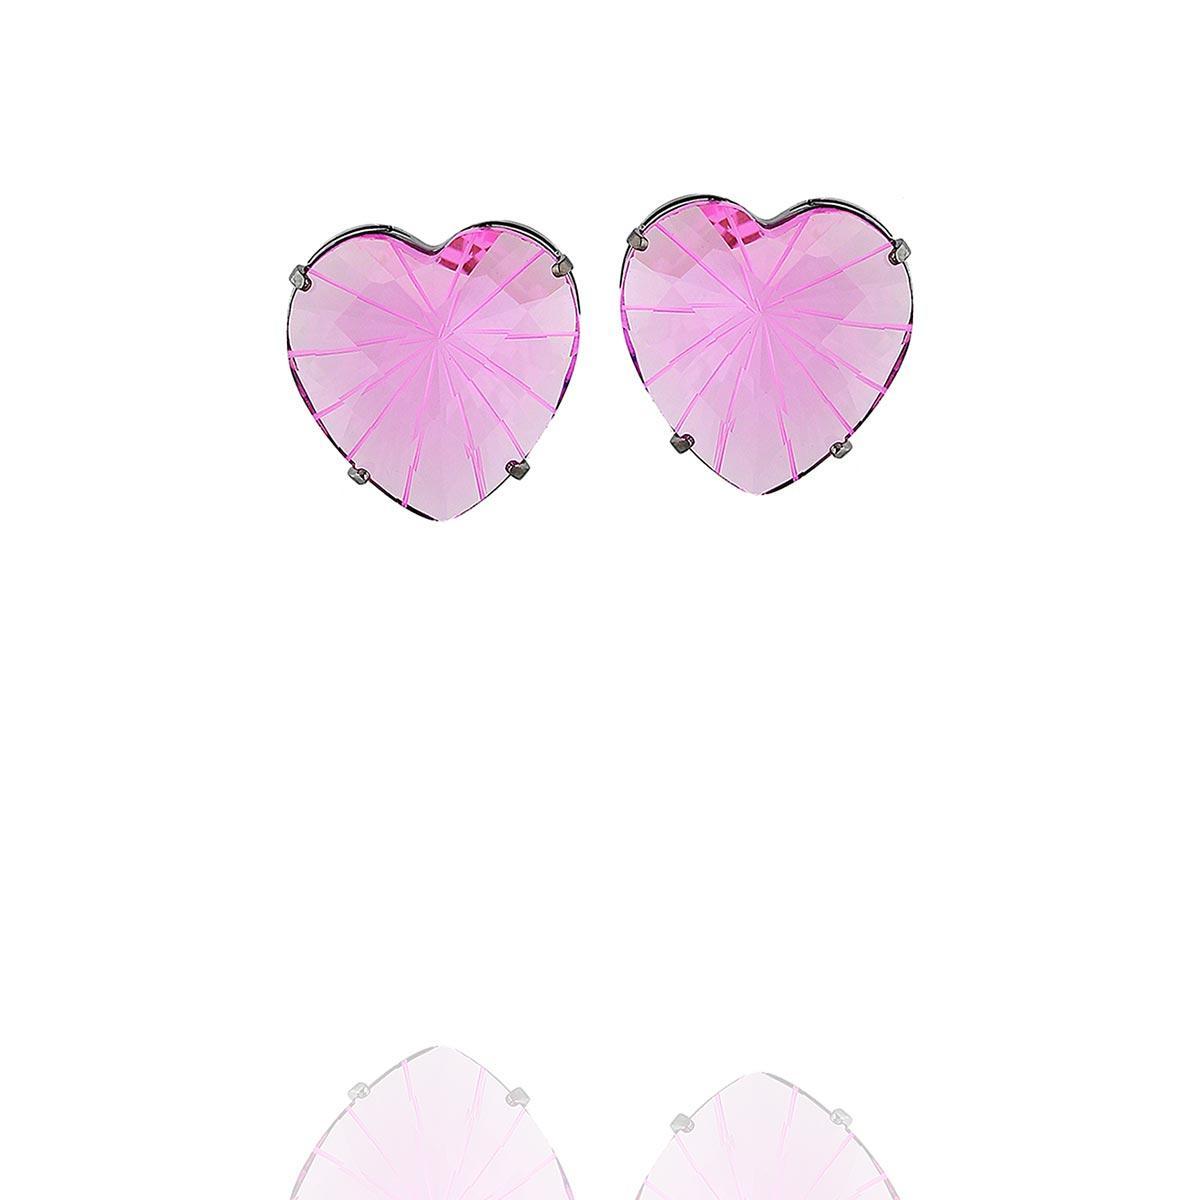 brinco aurora boreal coração zircônia rosa ródio negro